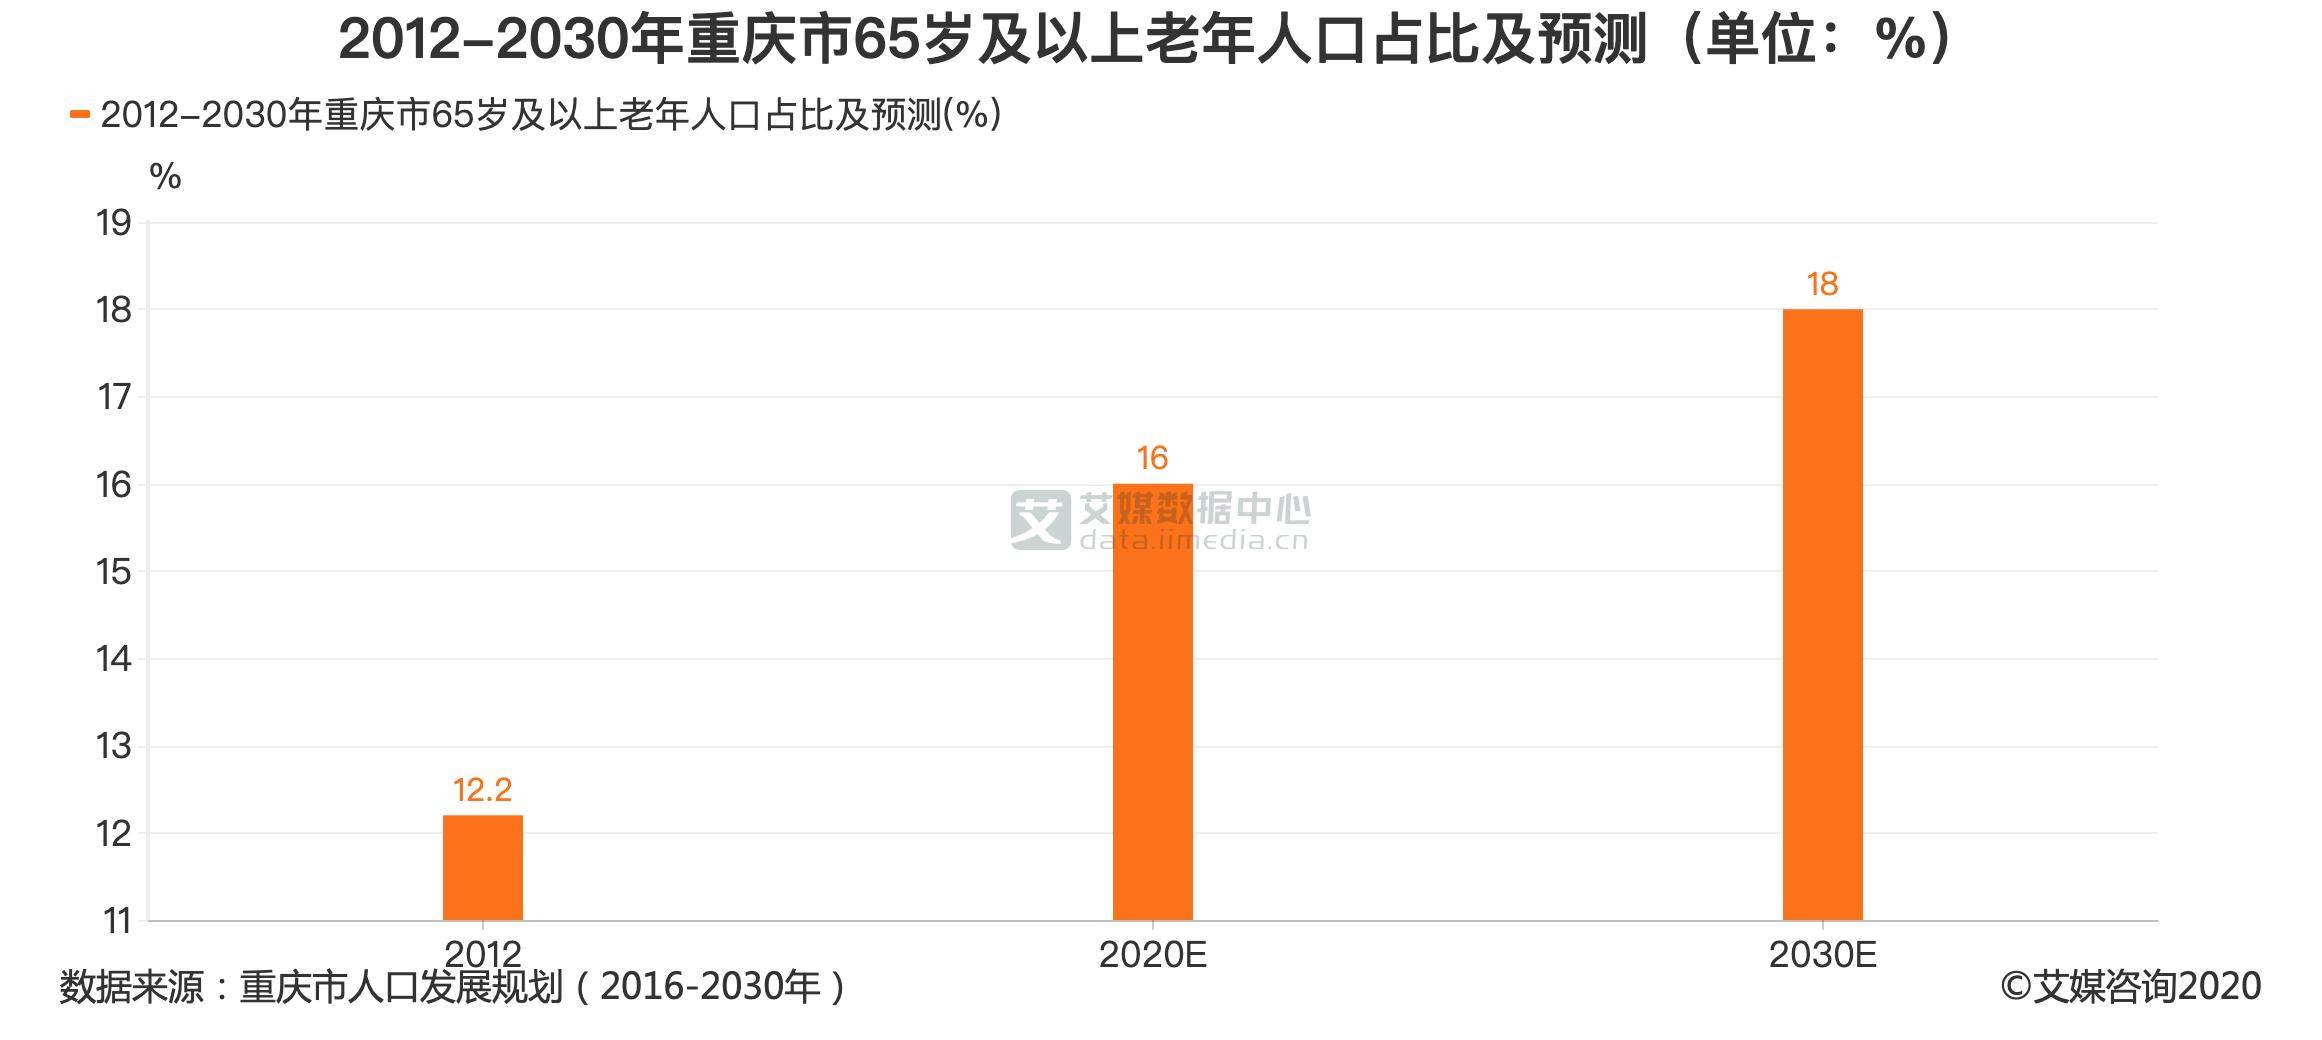 2012-2030年重庆市65岁及以上老年人口占比及预测(单位:%)